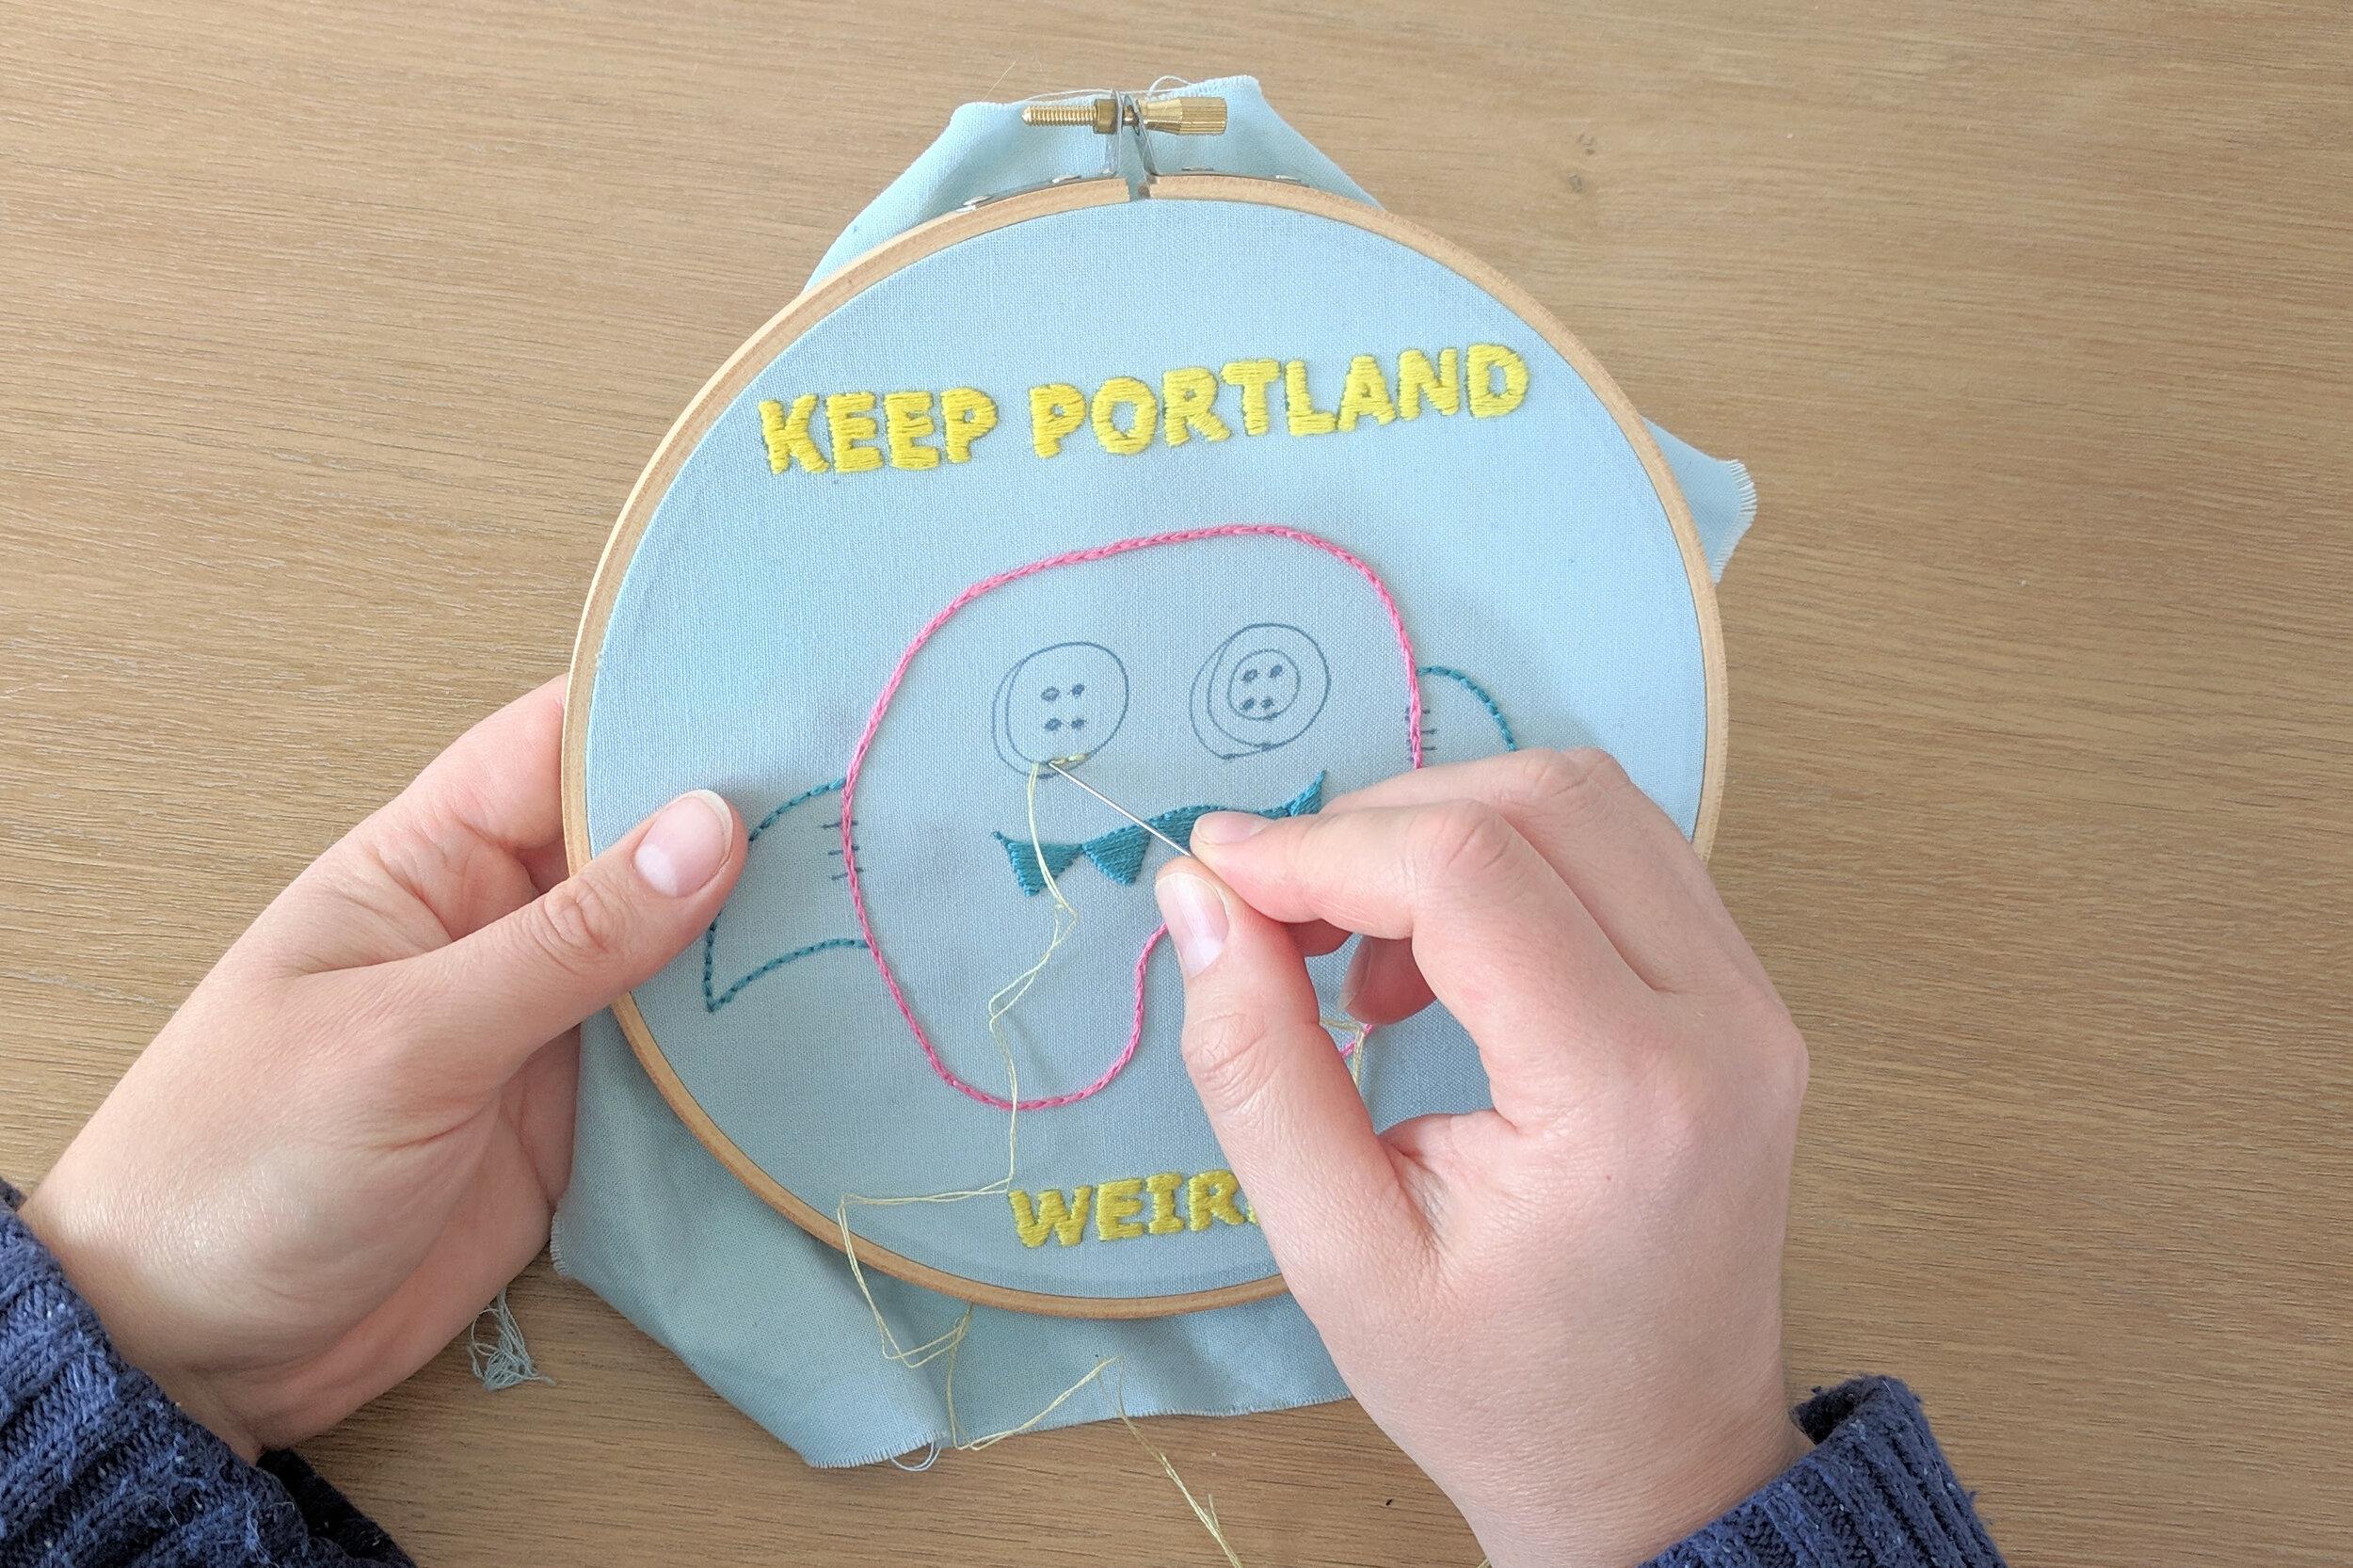 Keep Portland Weird Embroidery